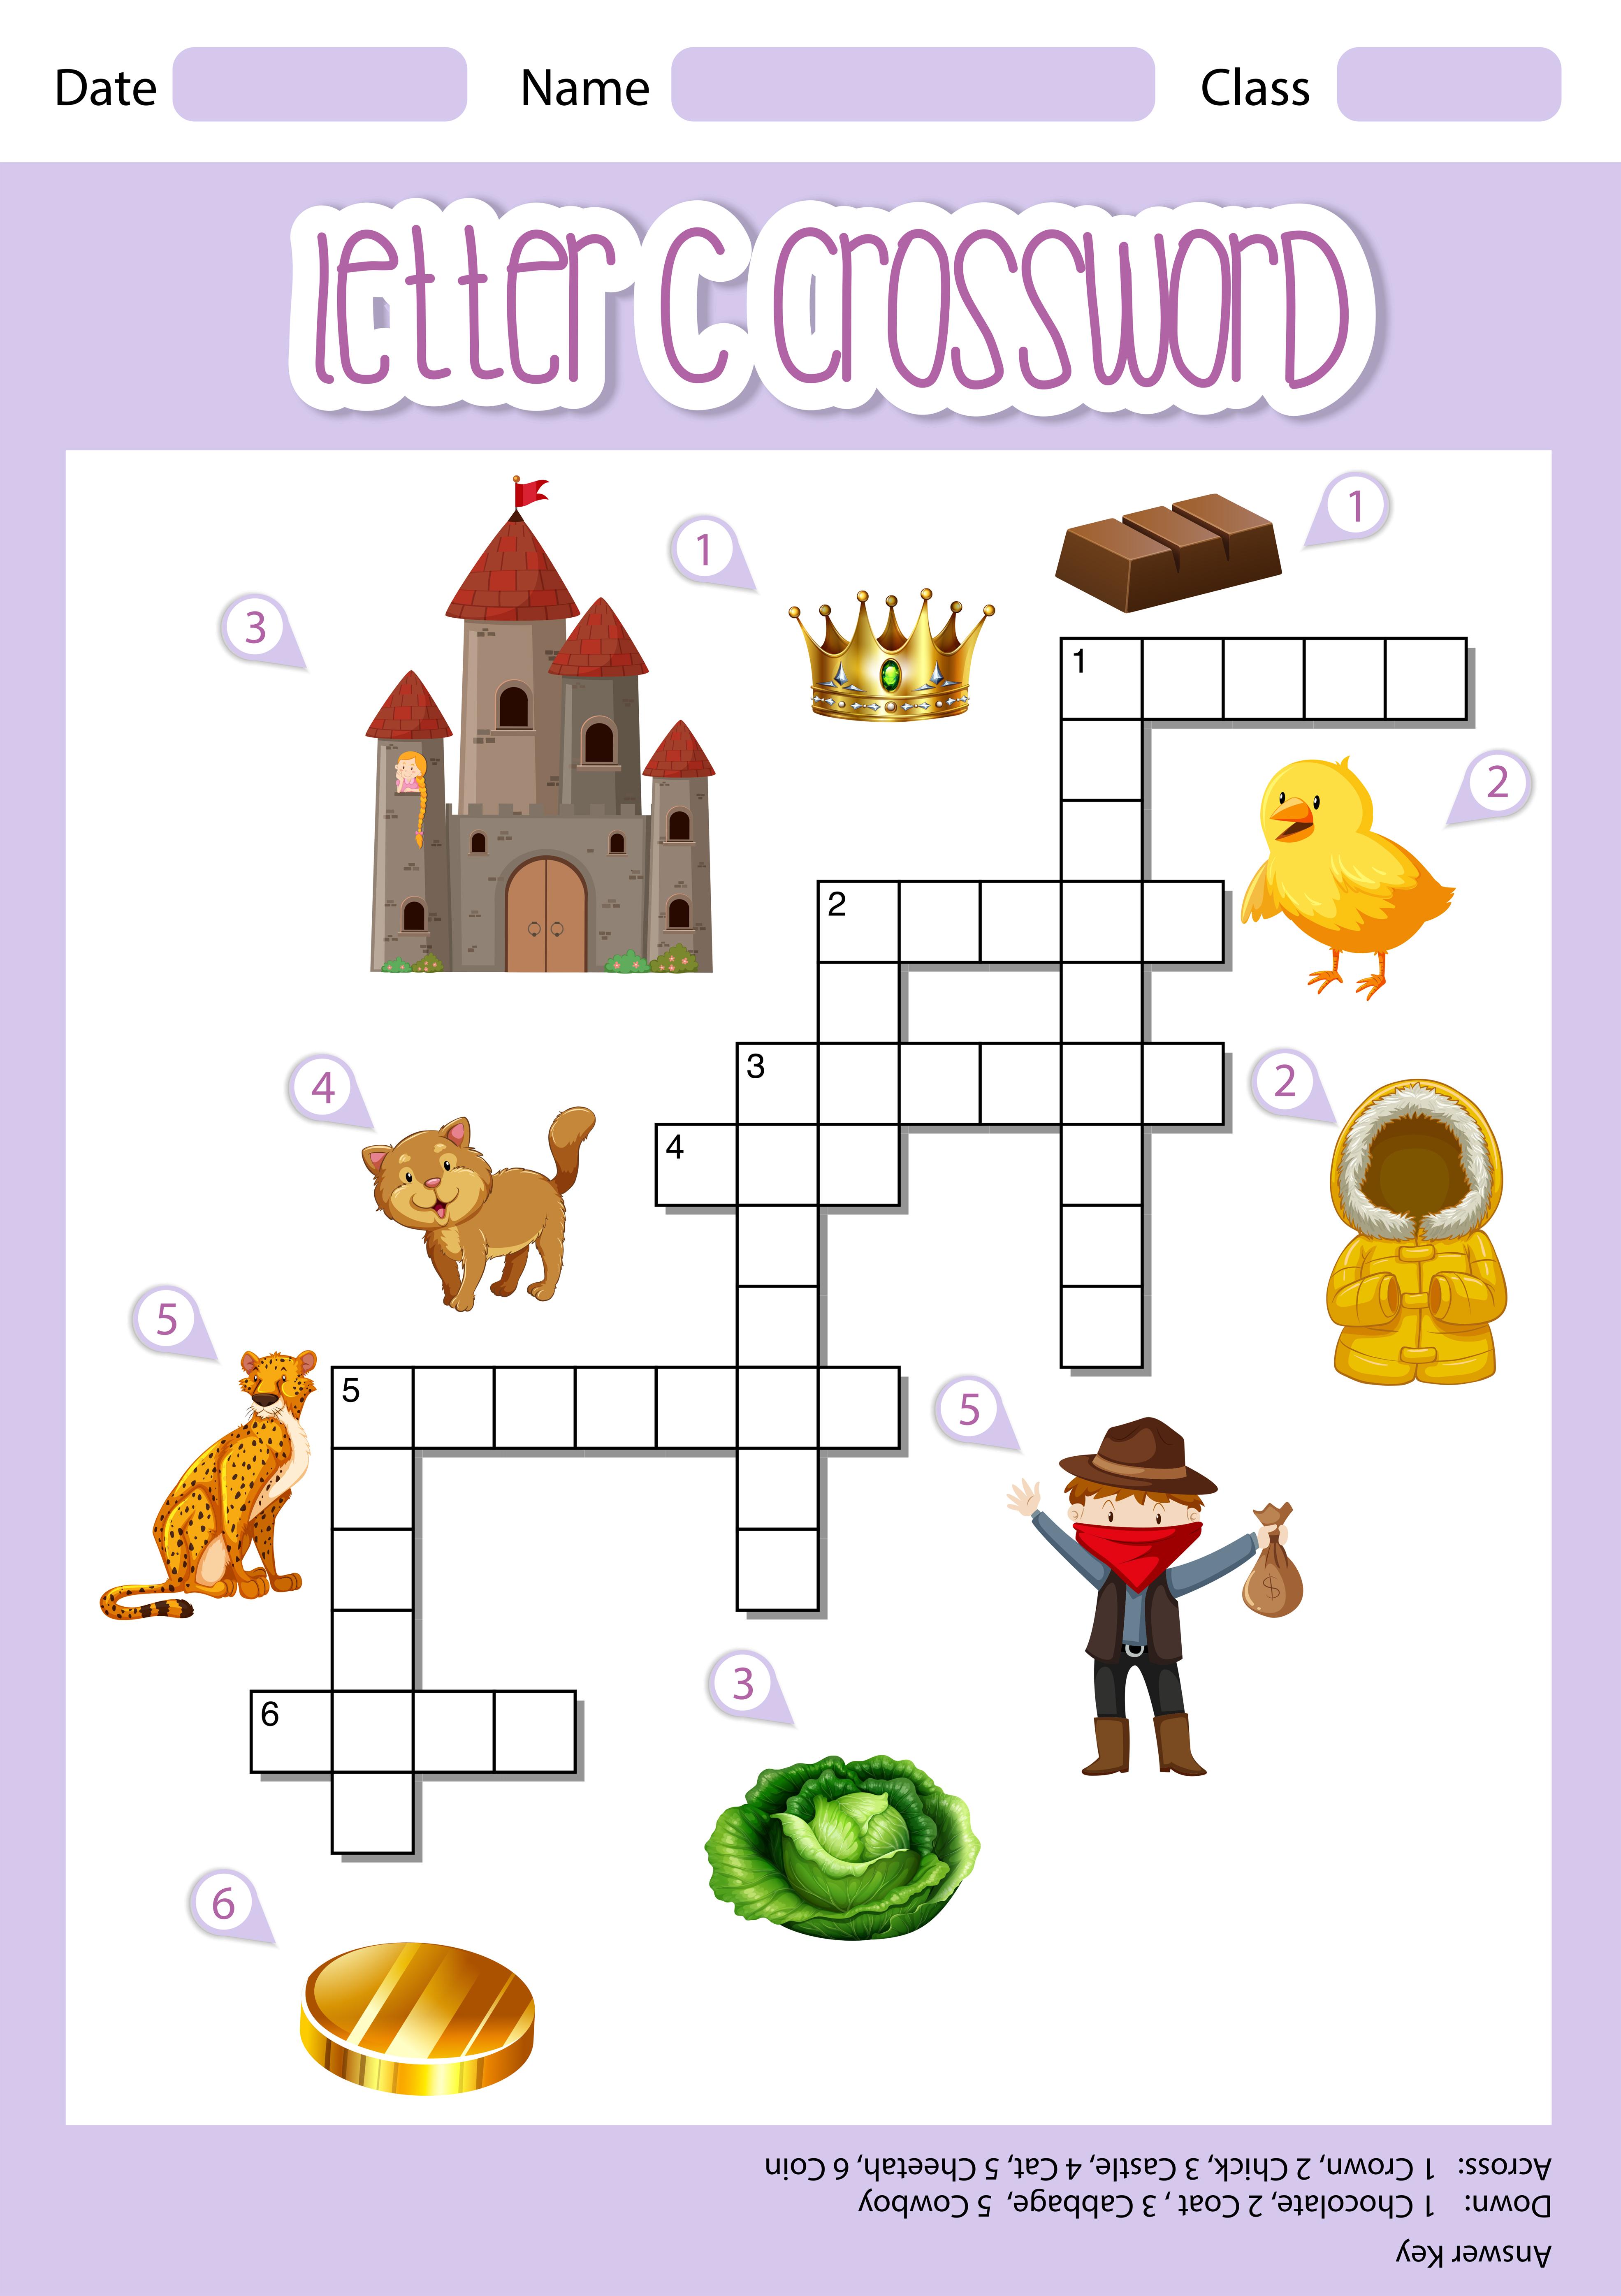 Letter C Crossword Template